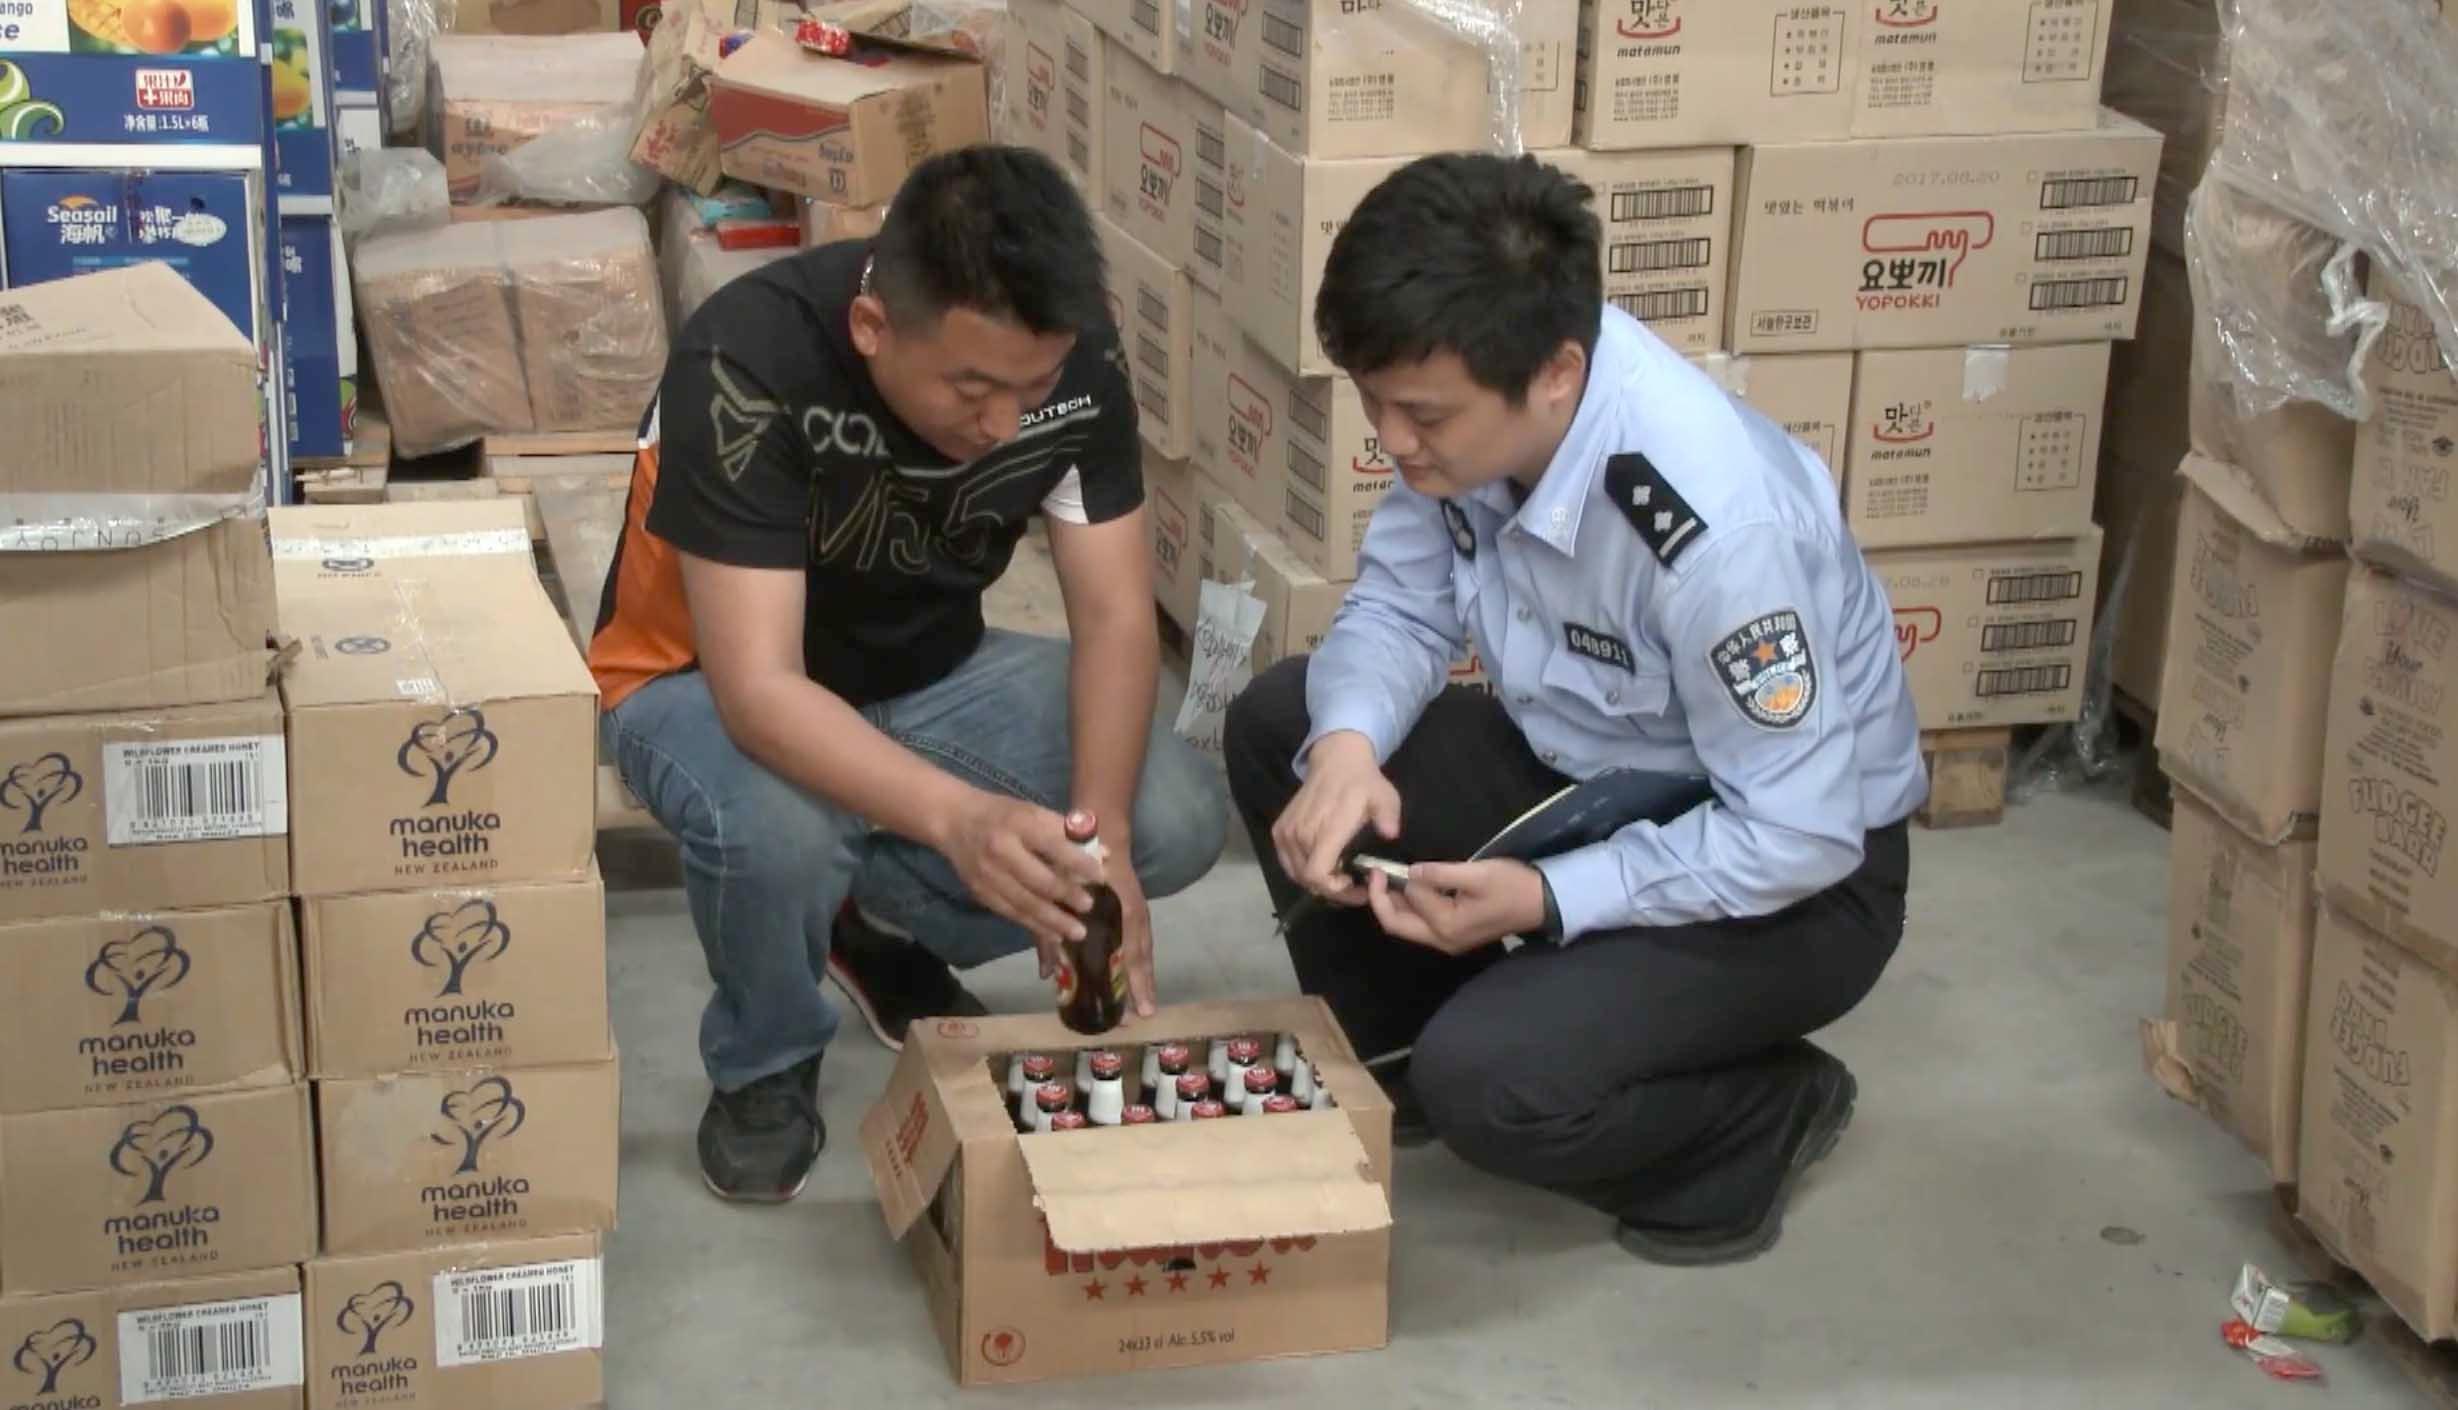 5年老酒重贴标签开售 上海4万多箱过期进口啤酒被查获